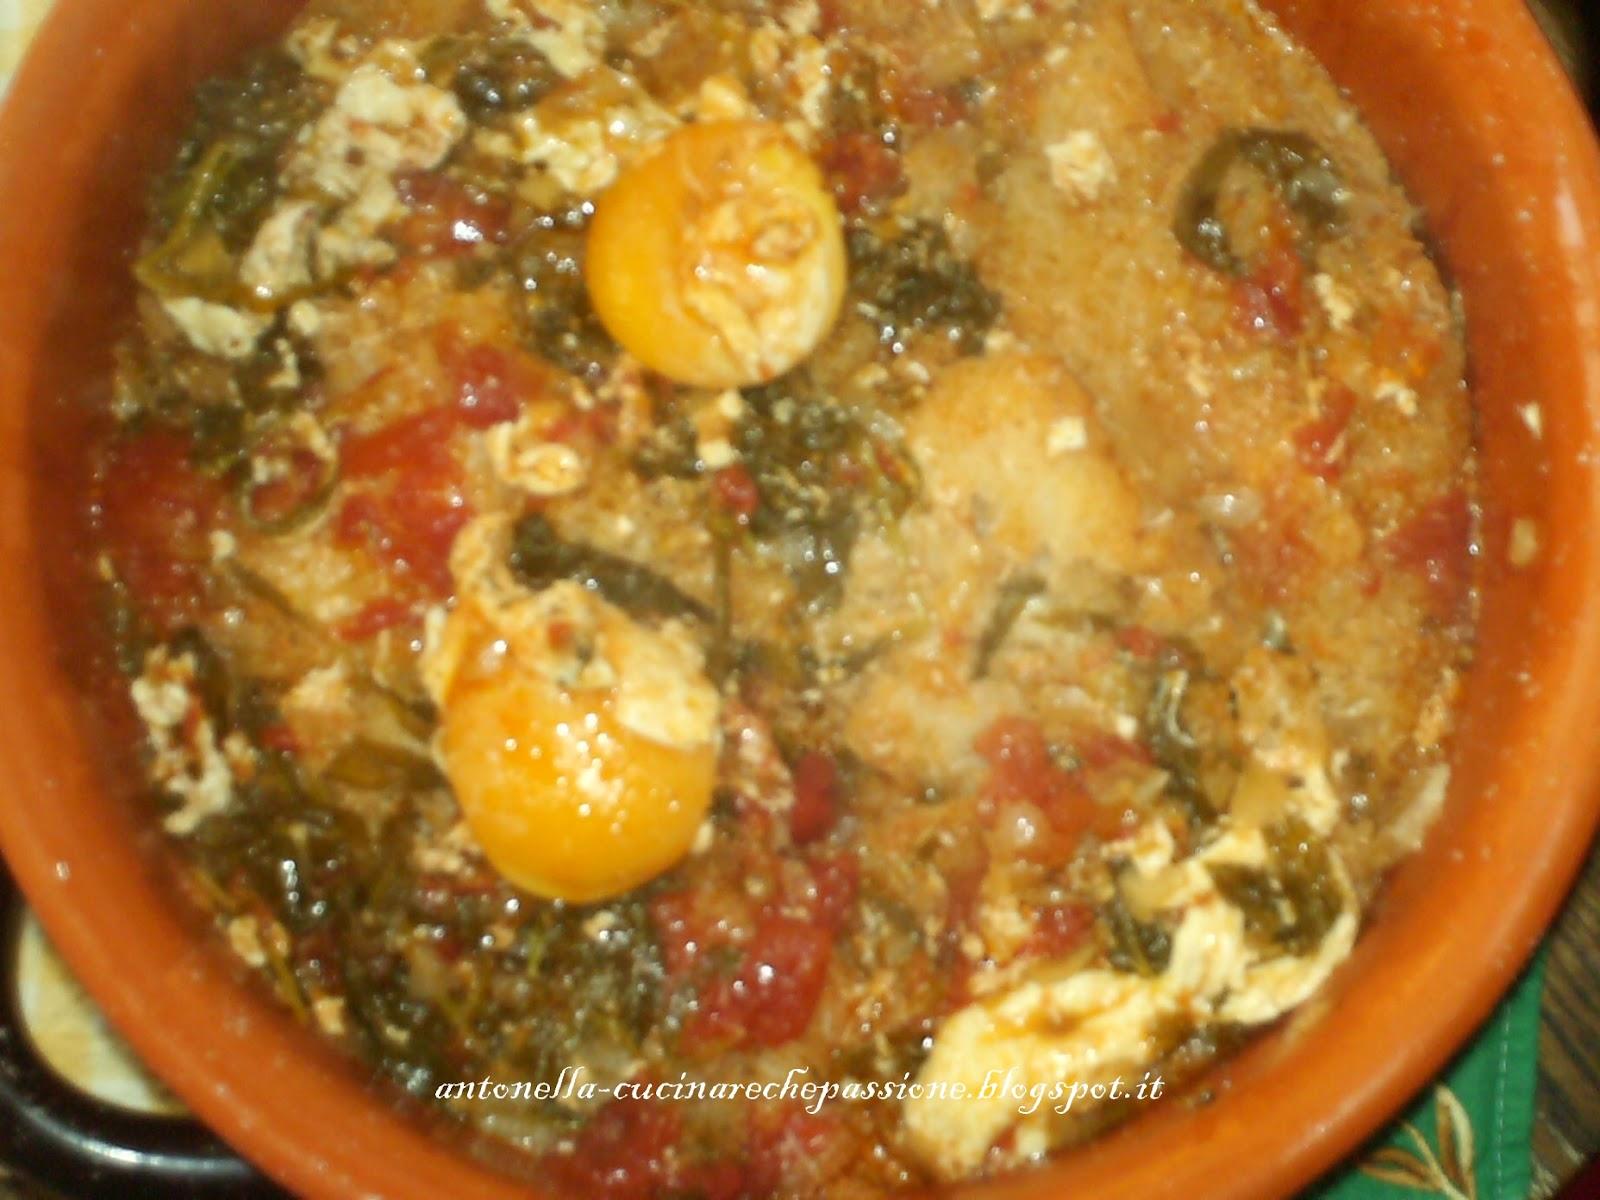 recipe: acquacotta ricetta [18]